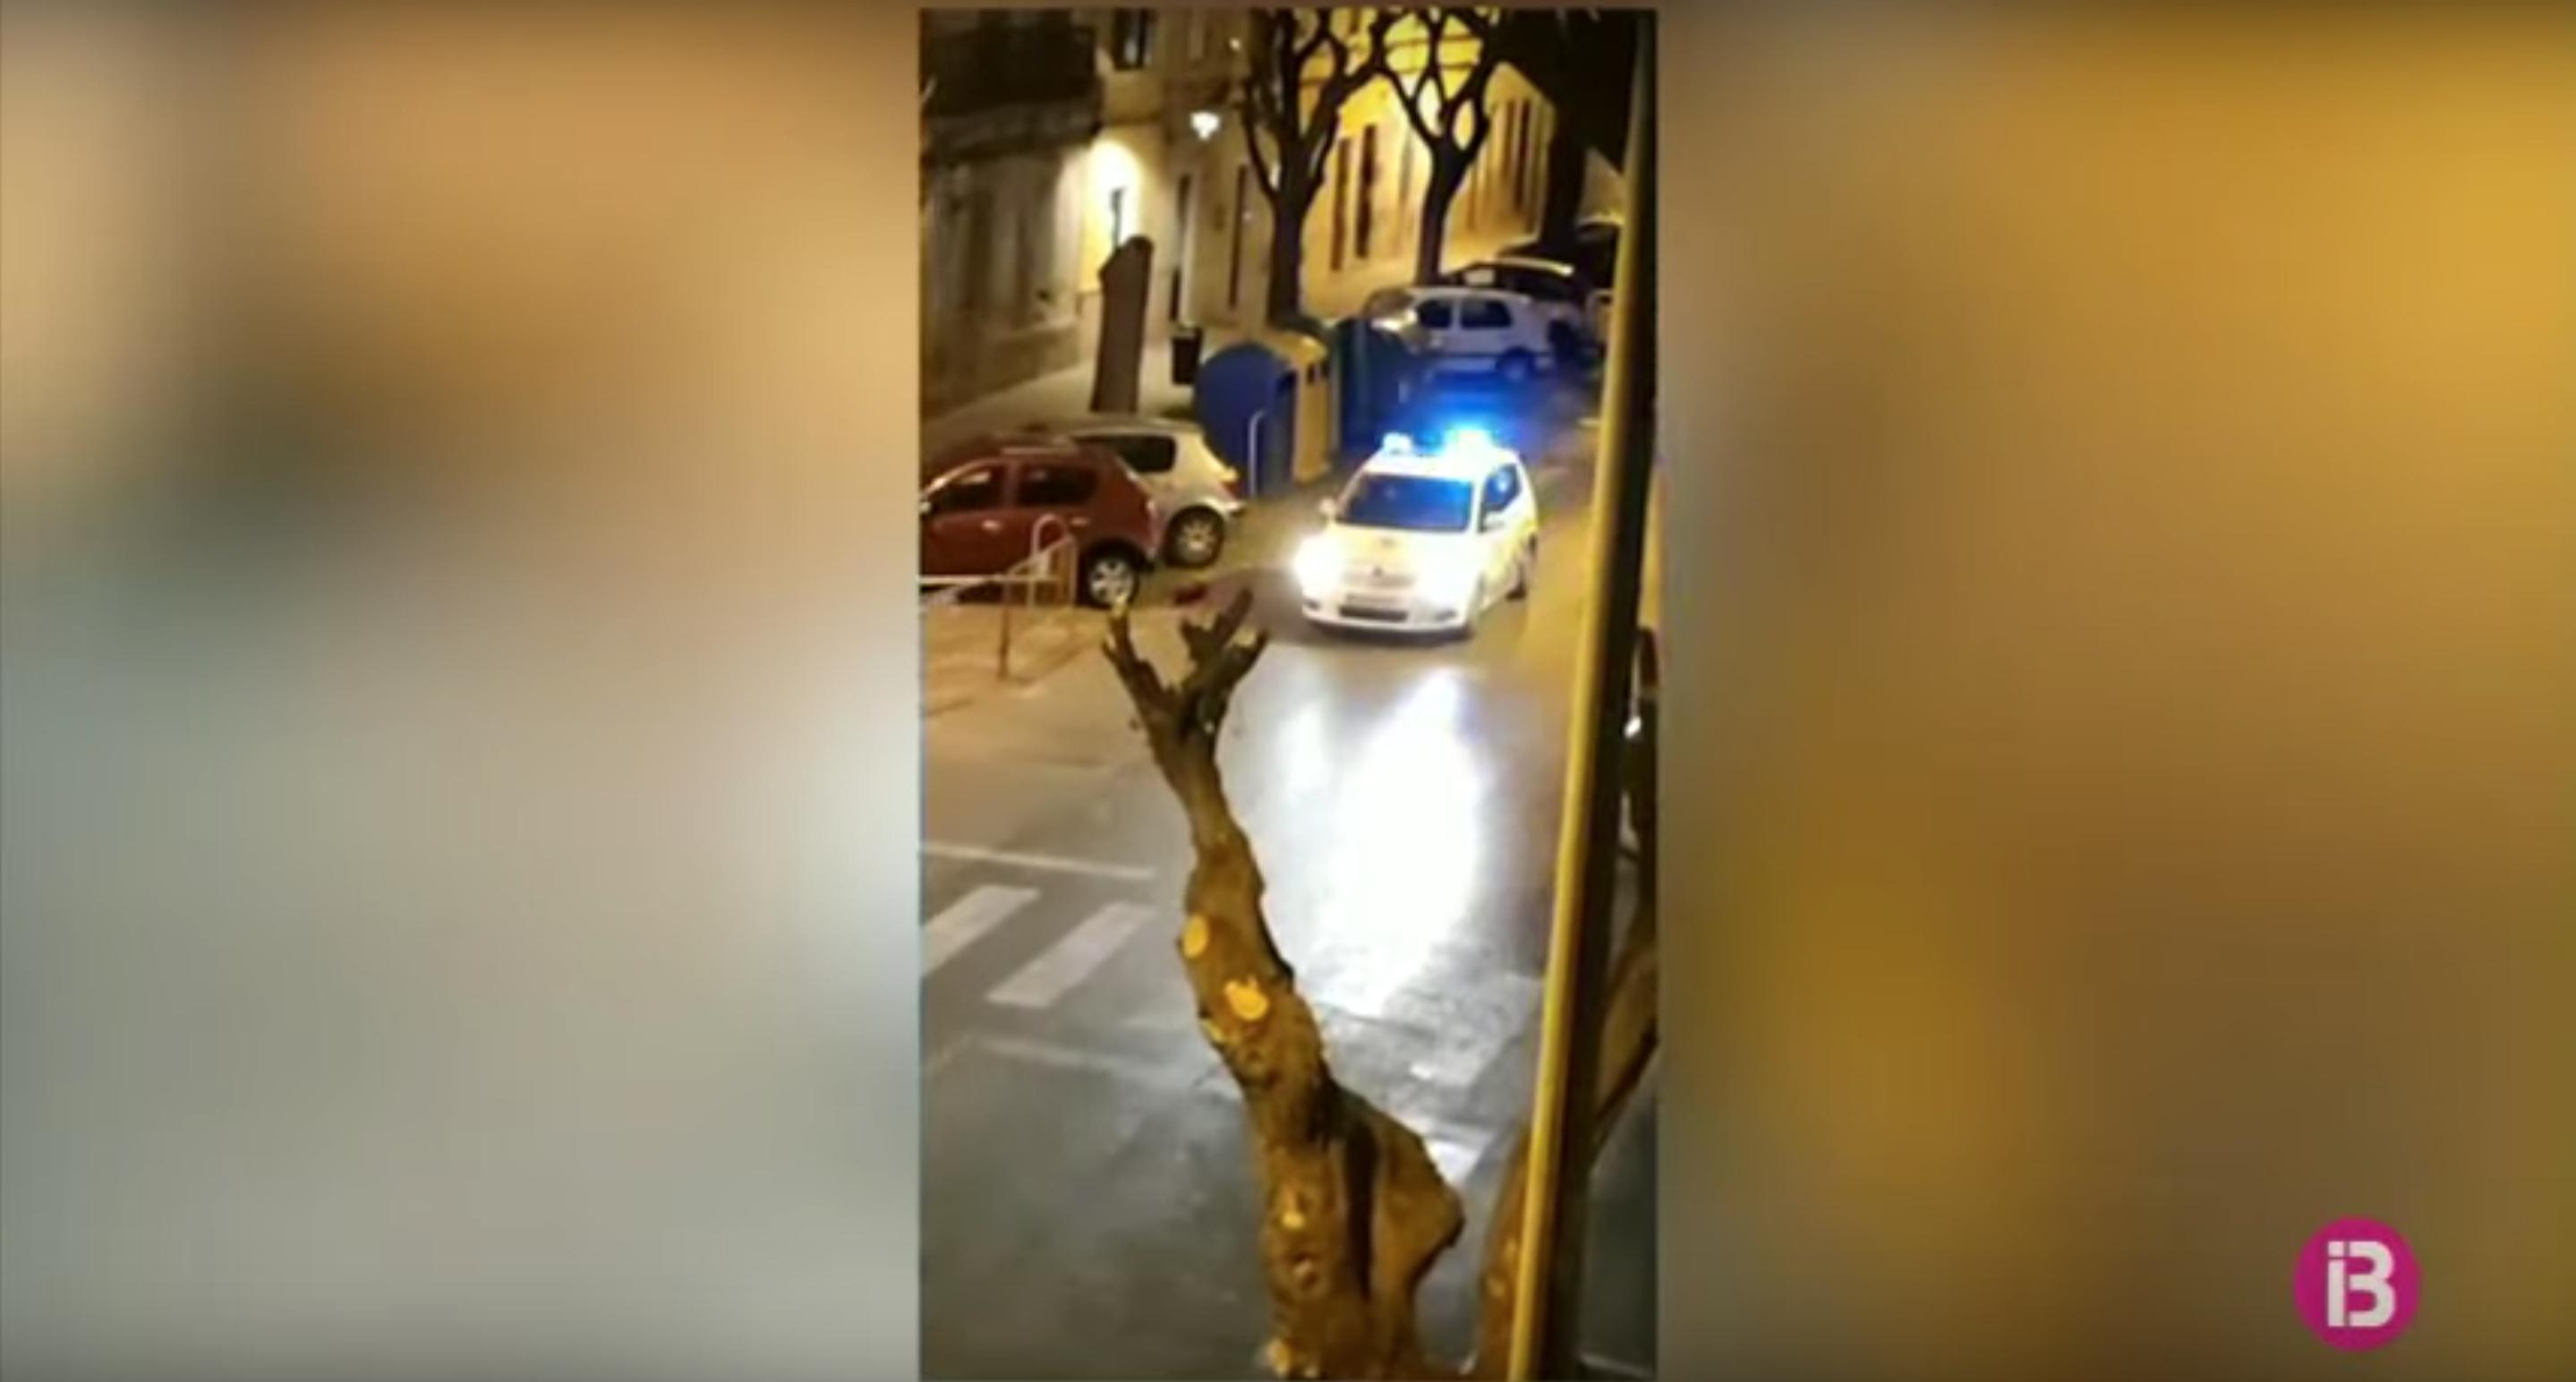 La+Policia+Local+de+Ciutadella+ja+ha+interposat+50+den%C3%BAncies+per+desobeir+l%27estat+d%27alarma